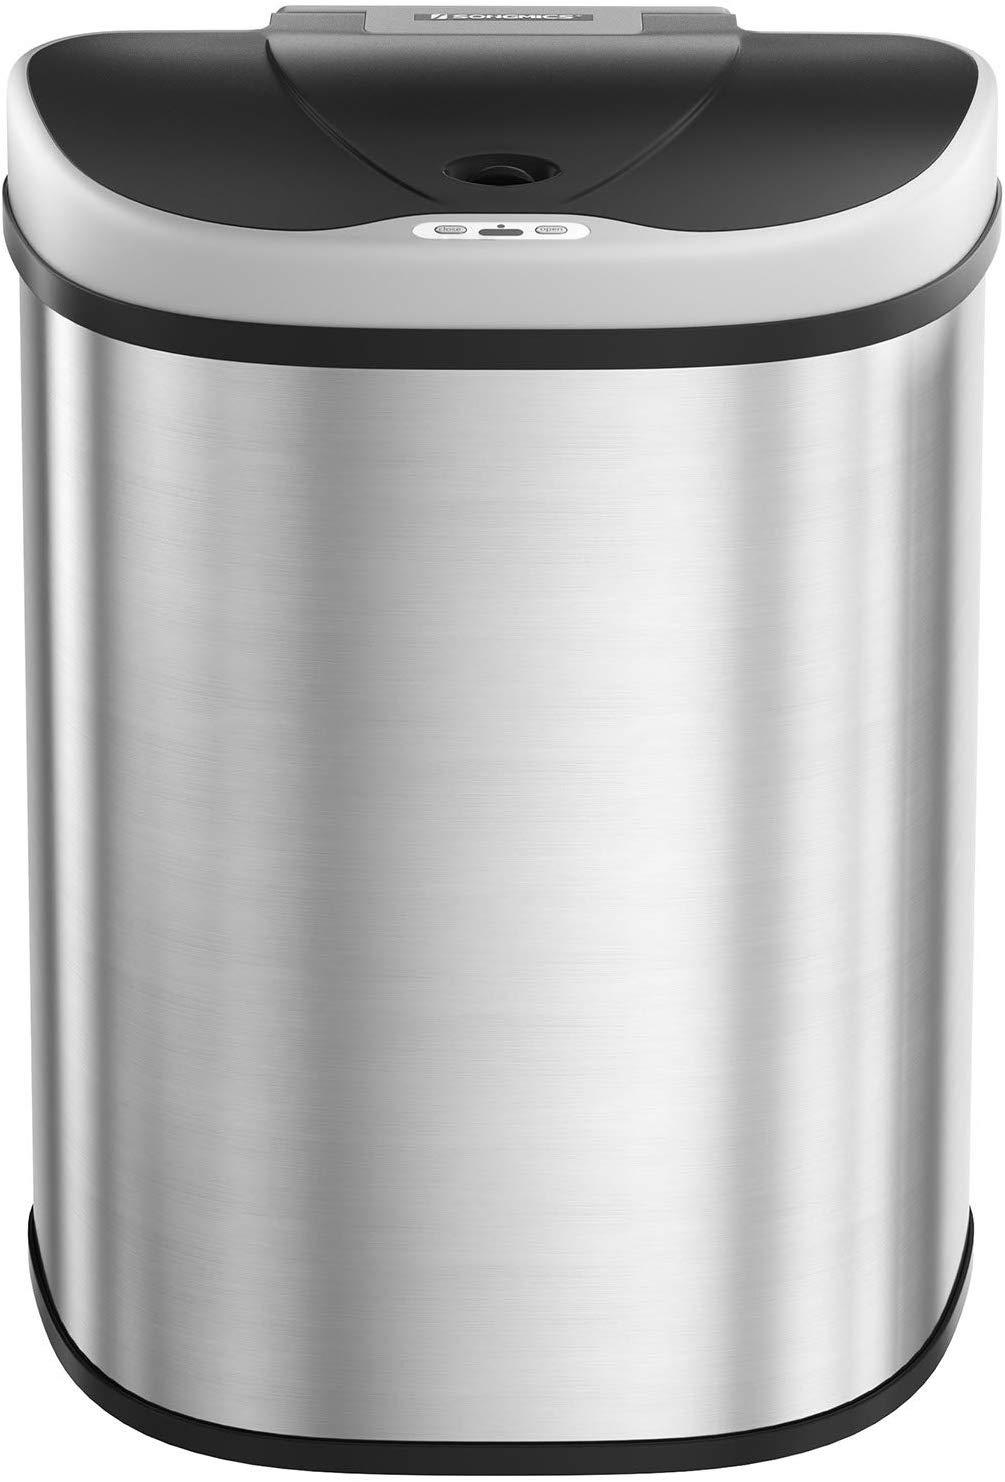 Rongomic Odpadkový koš 2x35 L LOLA stříbrný